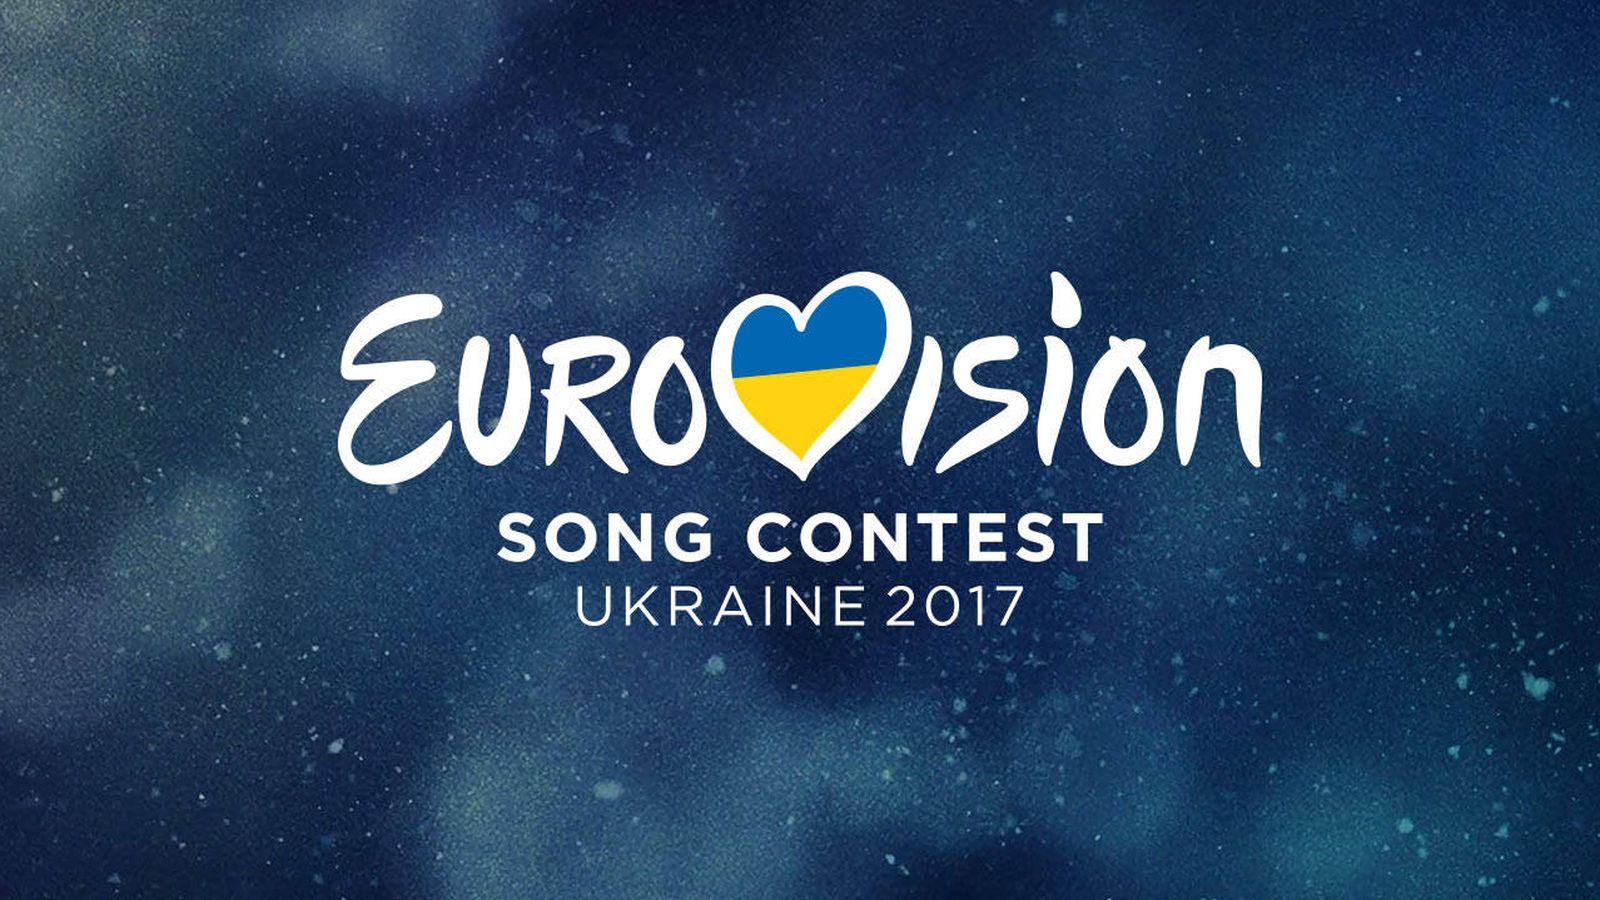 Foto: Logotipo de la edición de este año de Eurovisión 2017, que se celebrará en Kiev